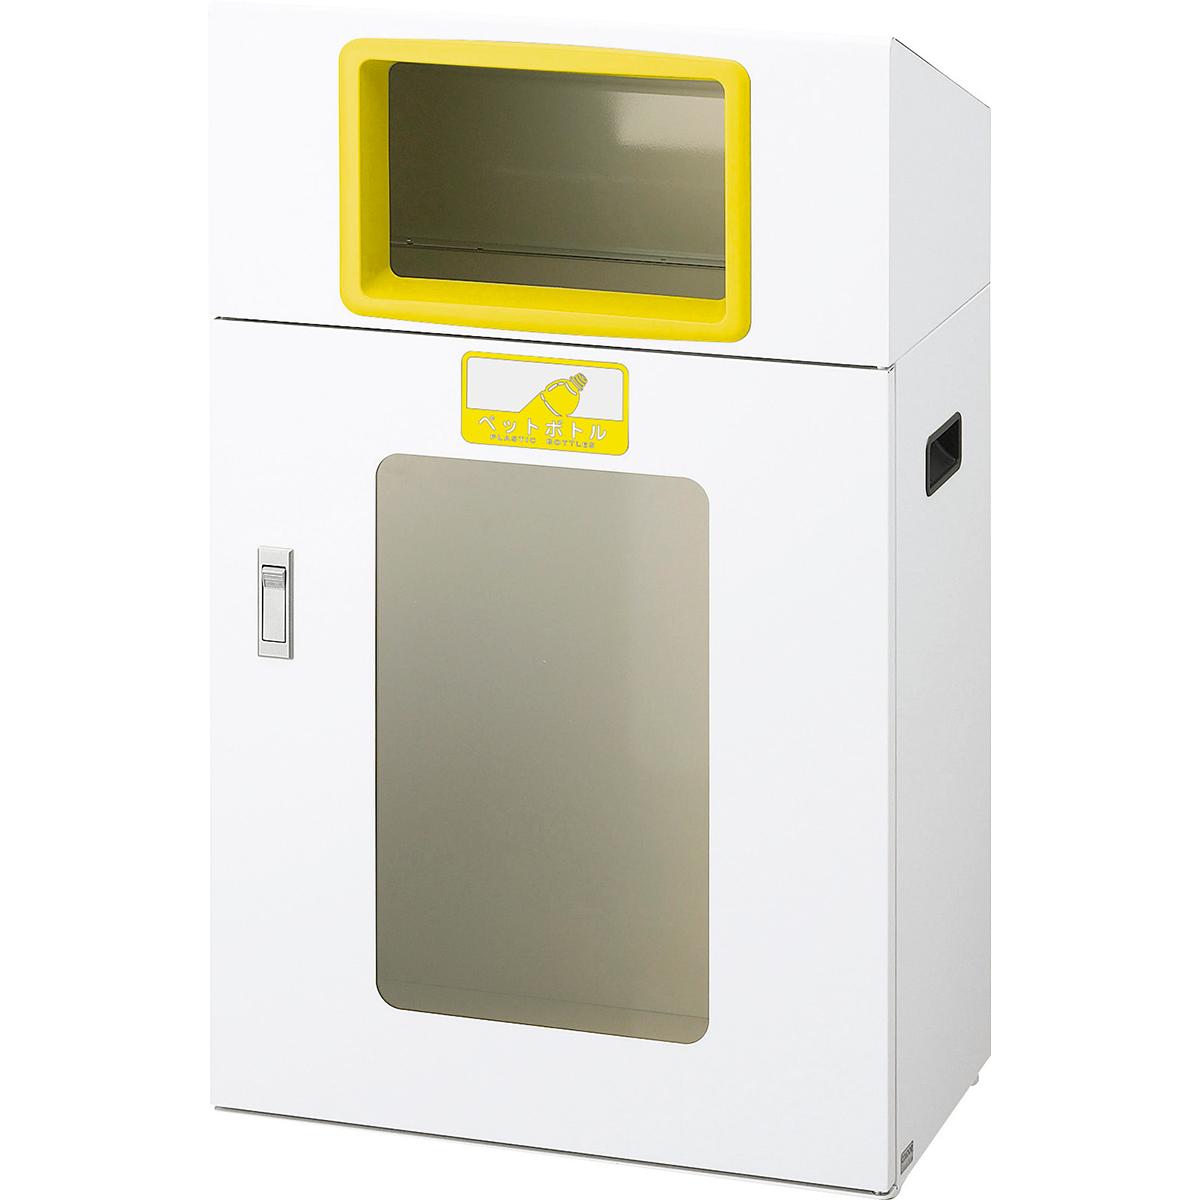 山崎産業 リサイクルボックス YOS-50 70L ペットボトル/Y(黄) (代引不可) YW-344L-ID